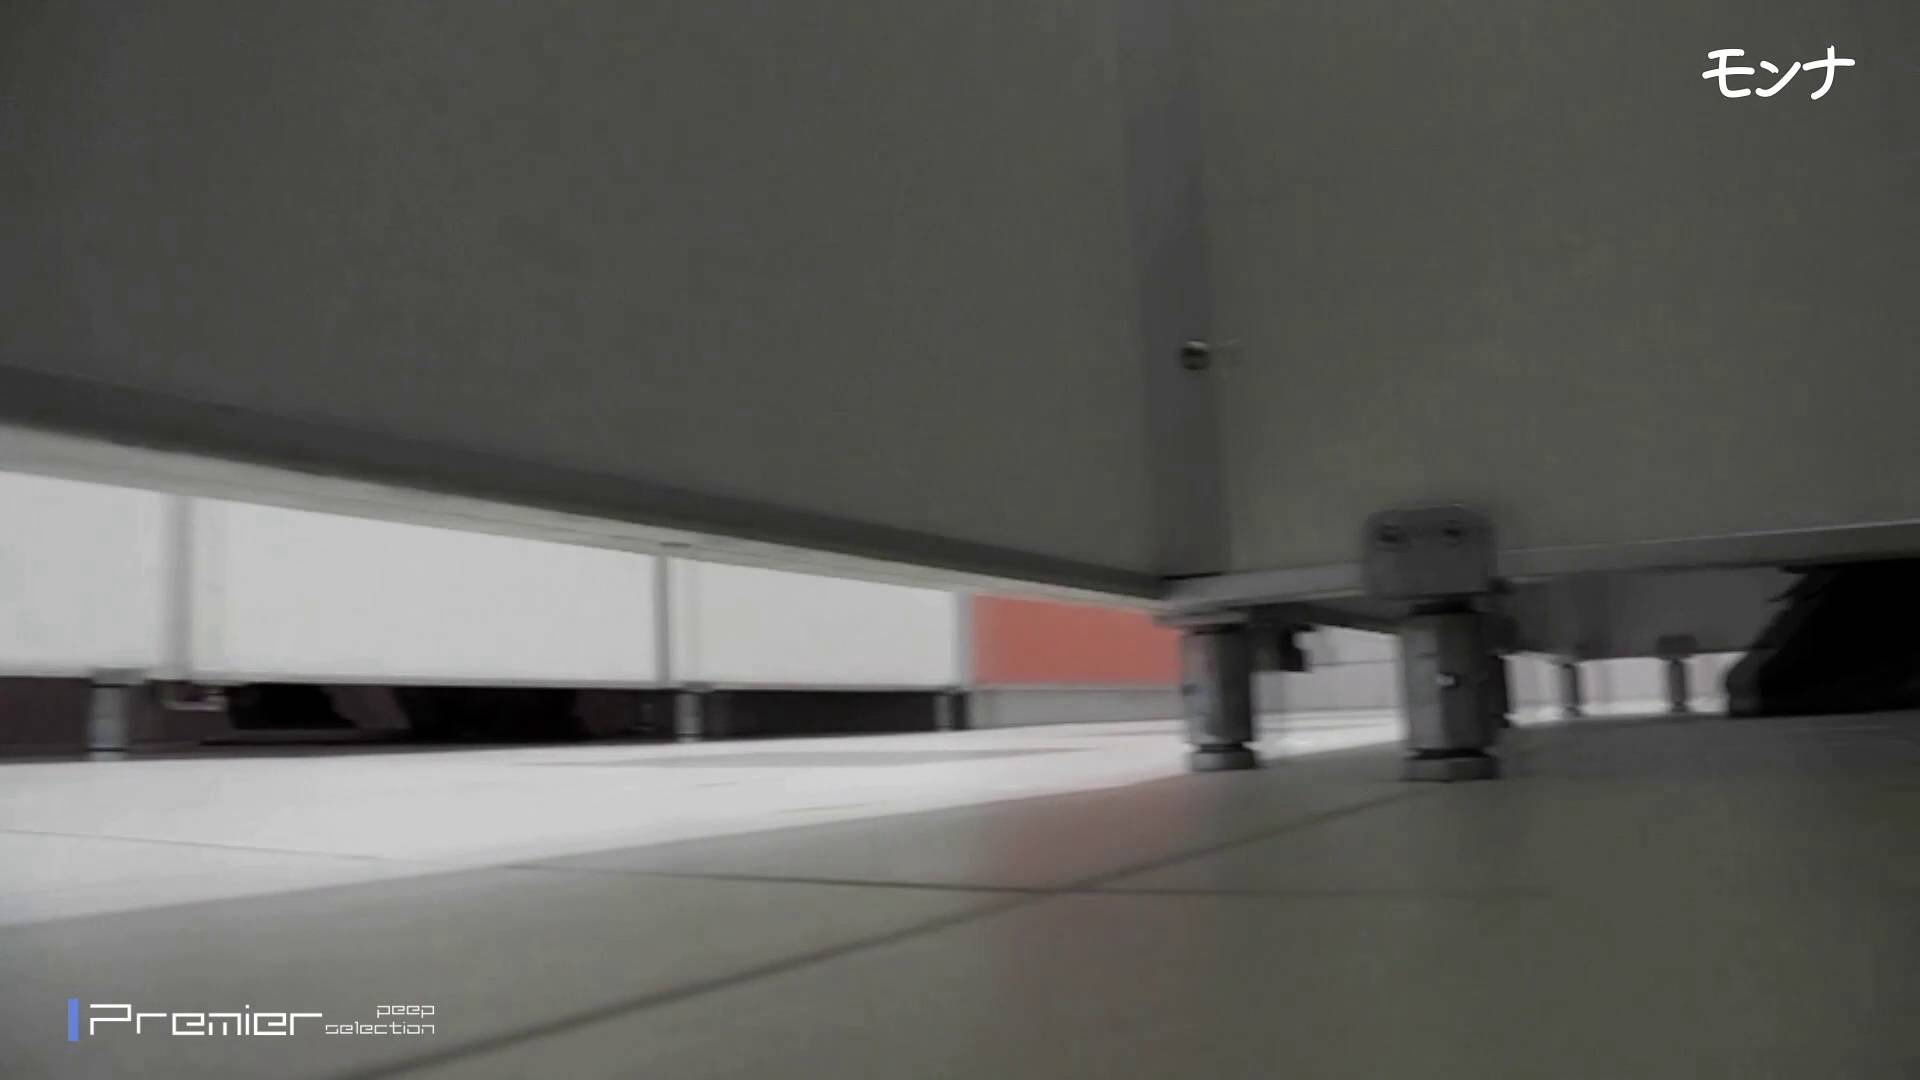 美しい日本の未来 No.72 絶秒なバックショット バックショット おめこ無修正動画無料 58画像 49